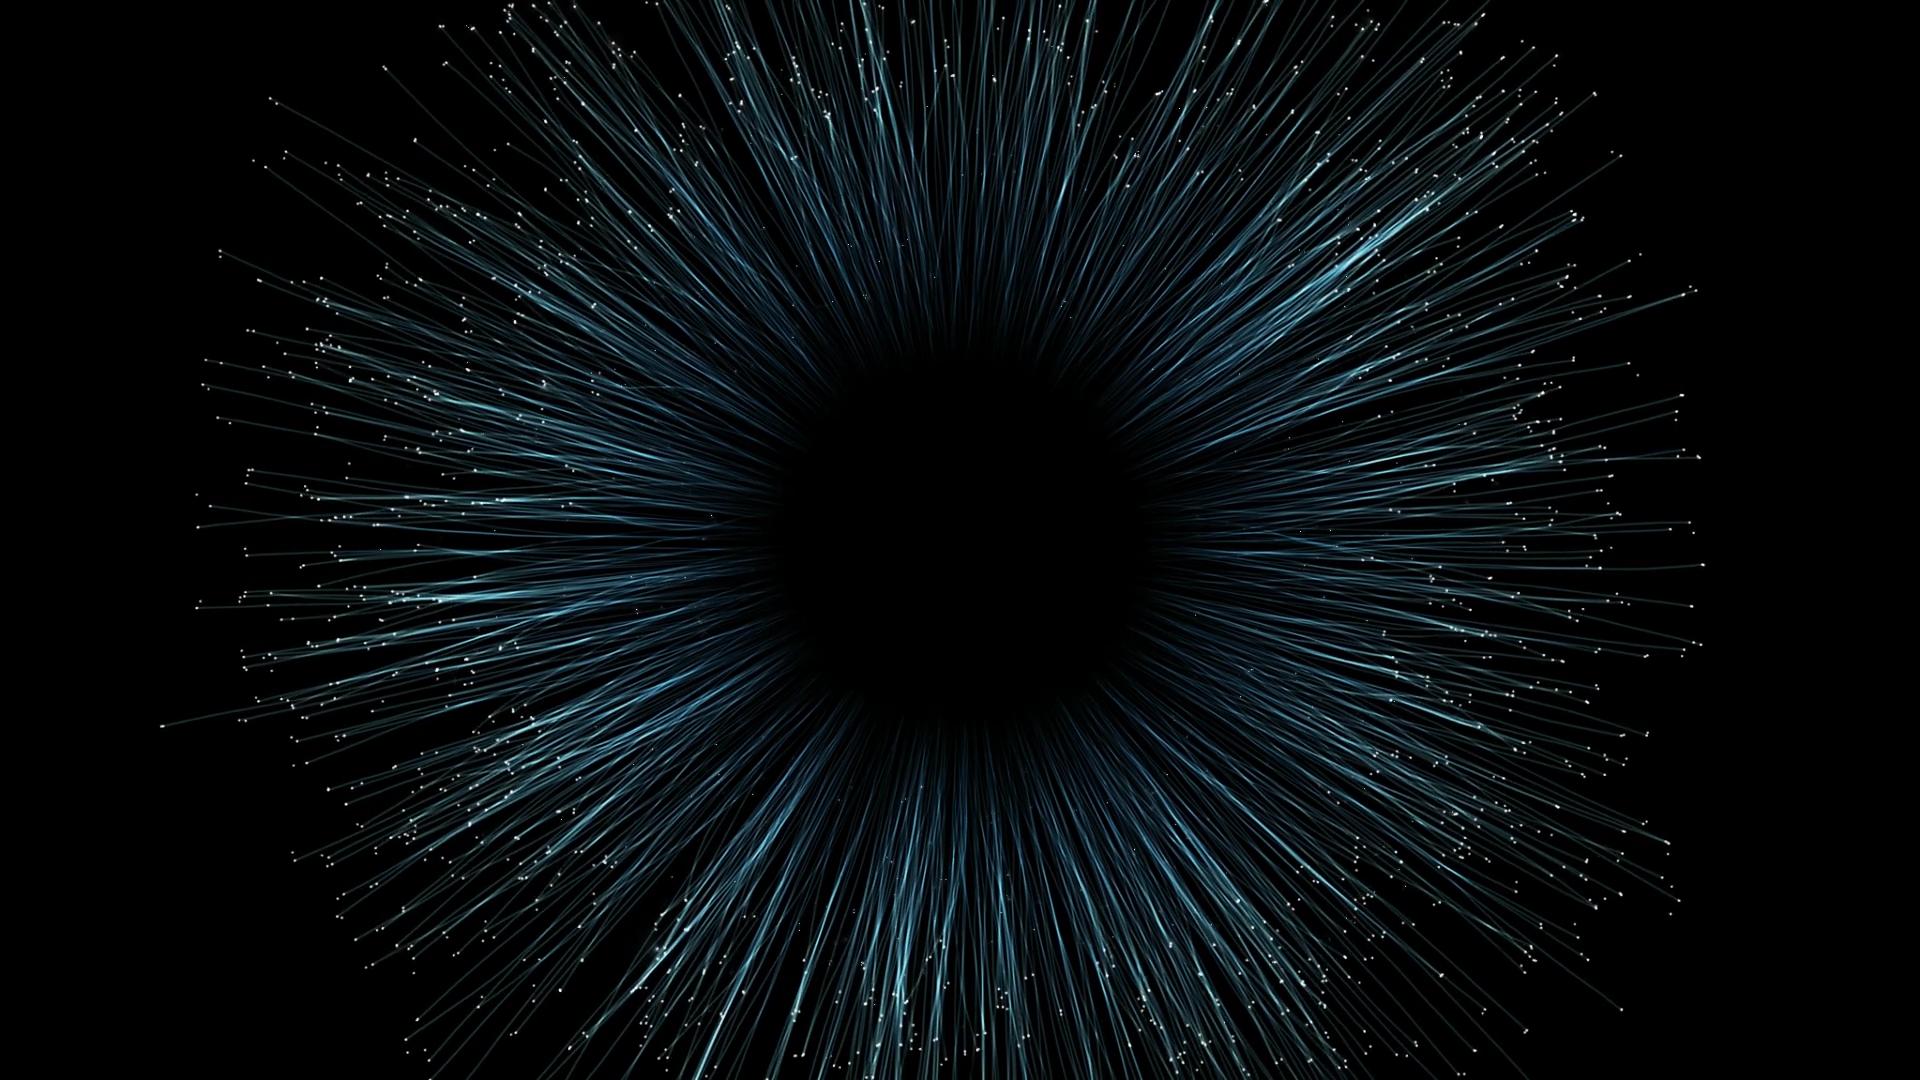 Telus_4K_XPart_Fiber_01_x.png